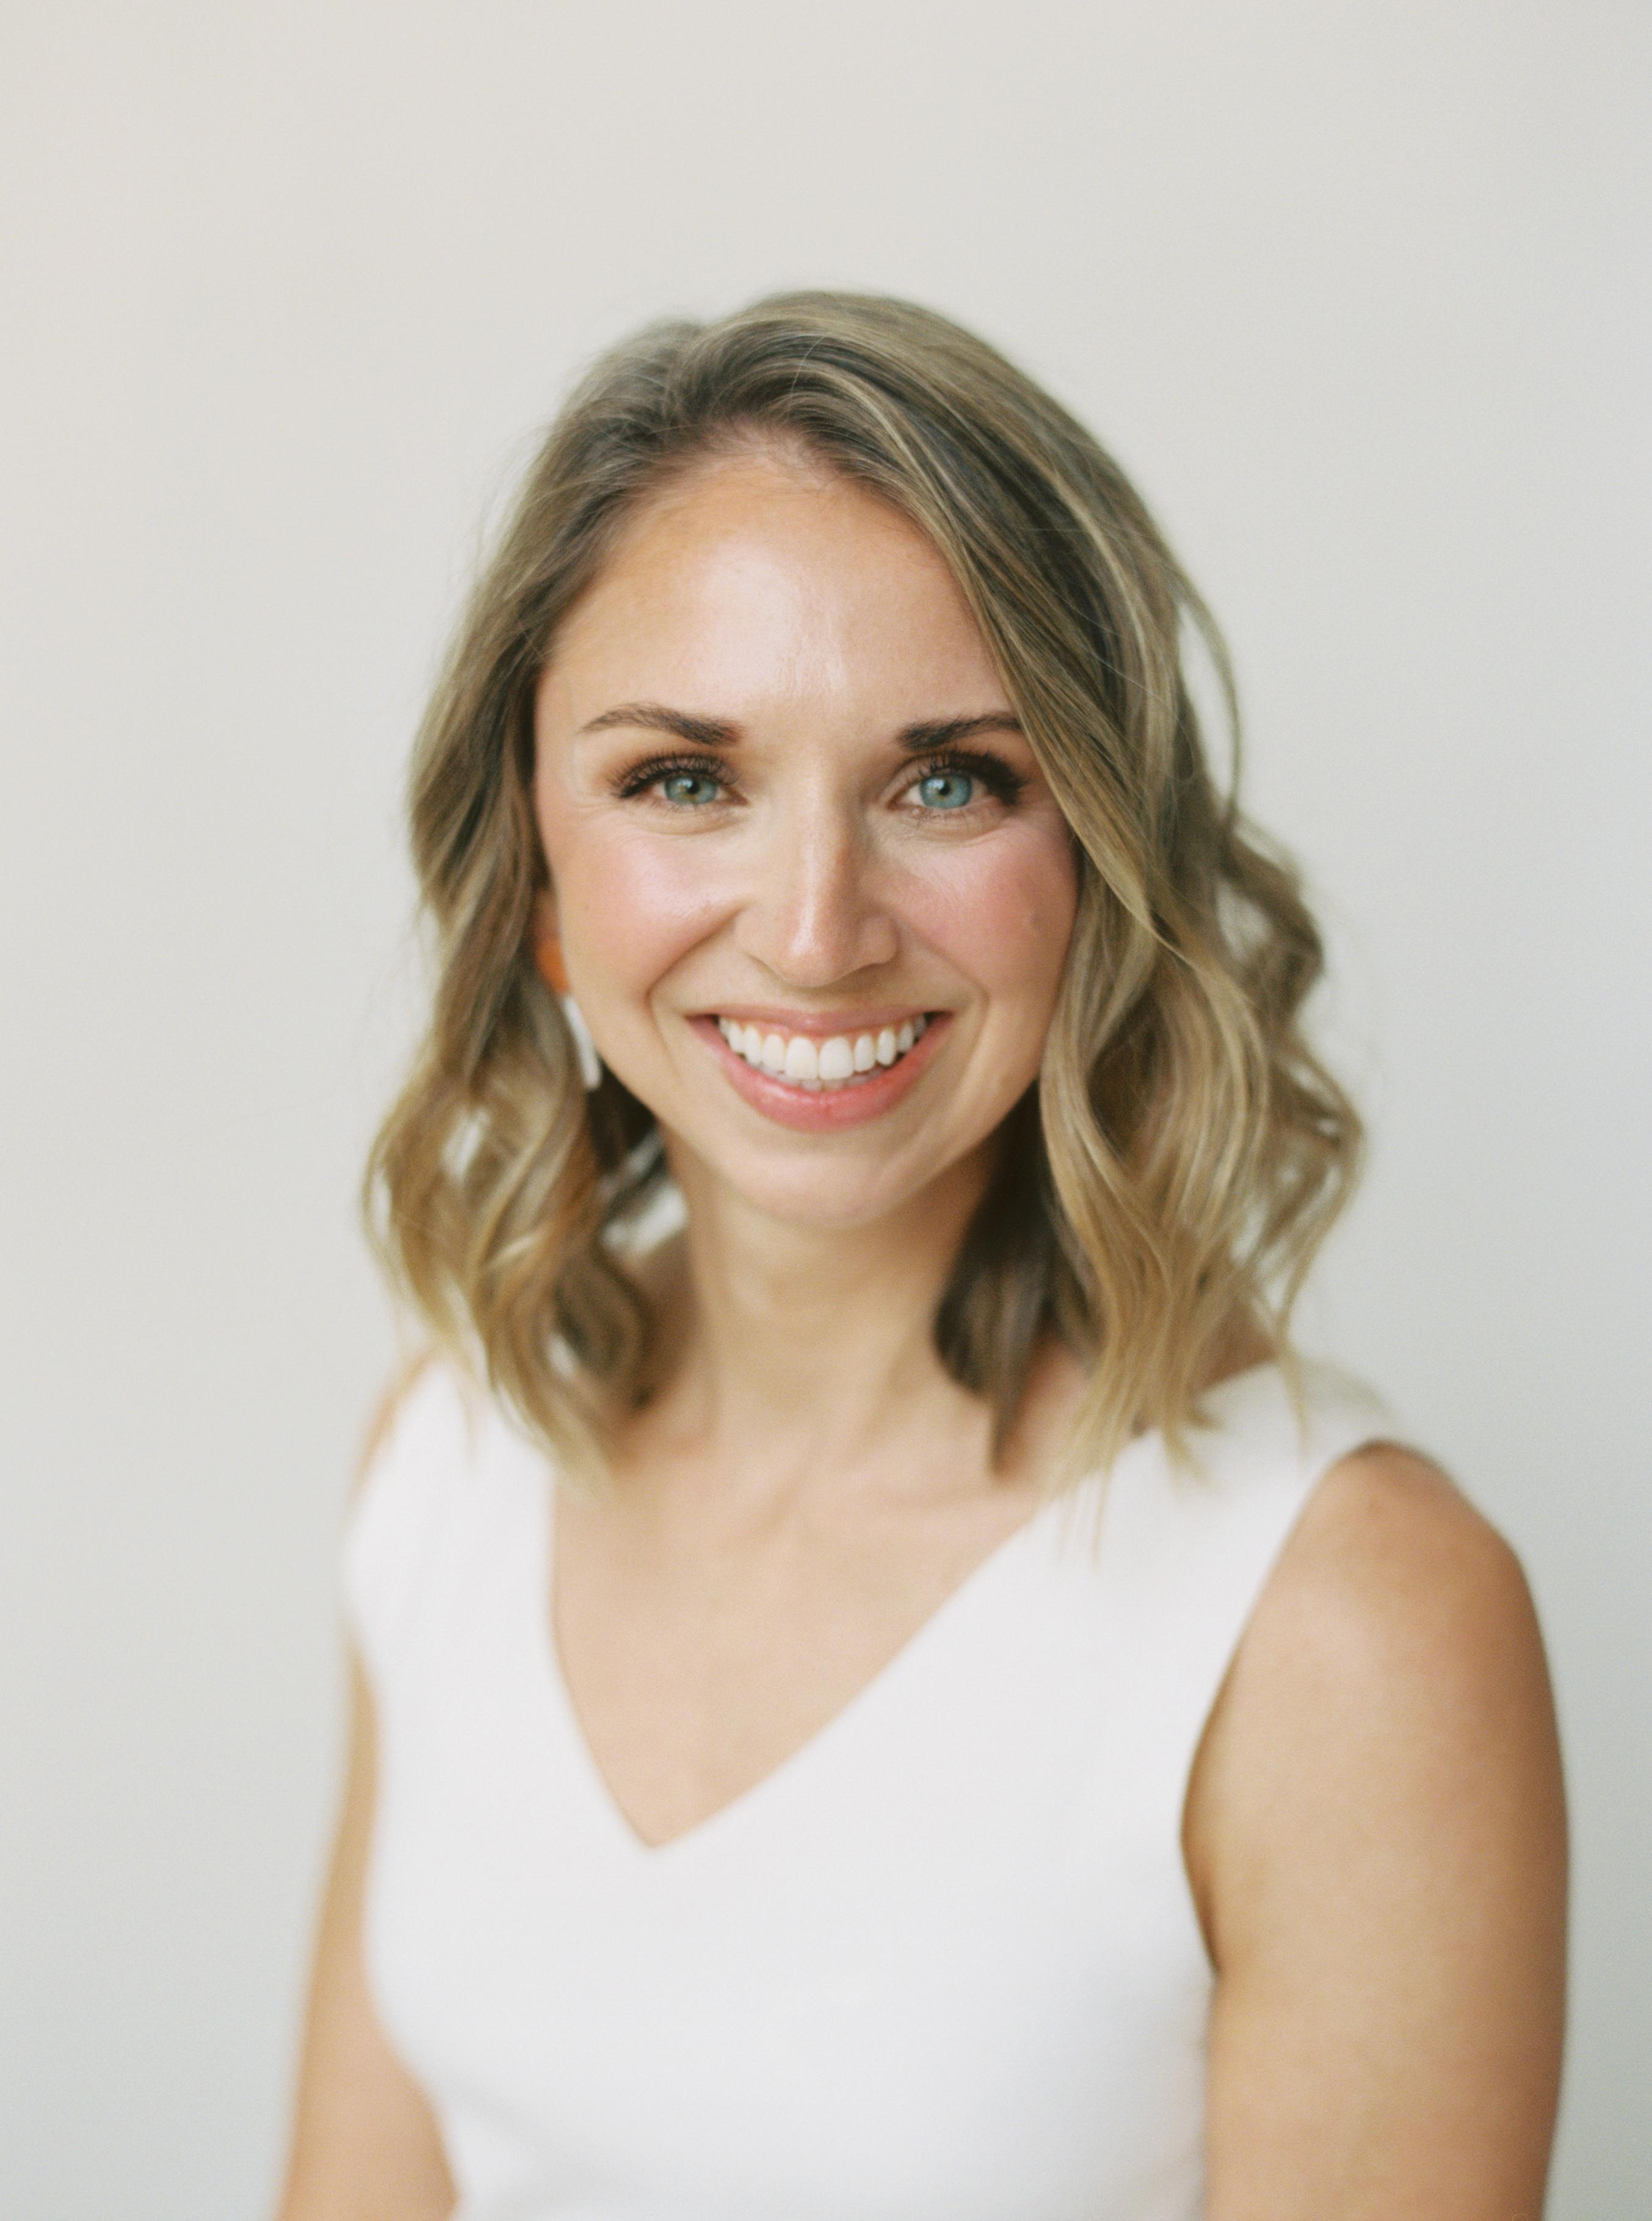 Amanda Shaver